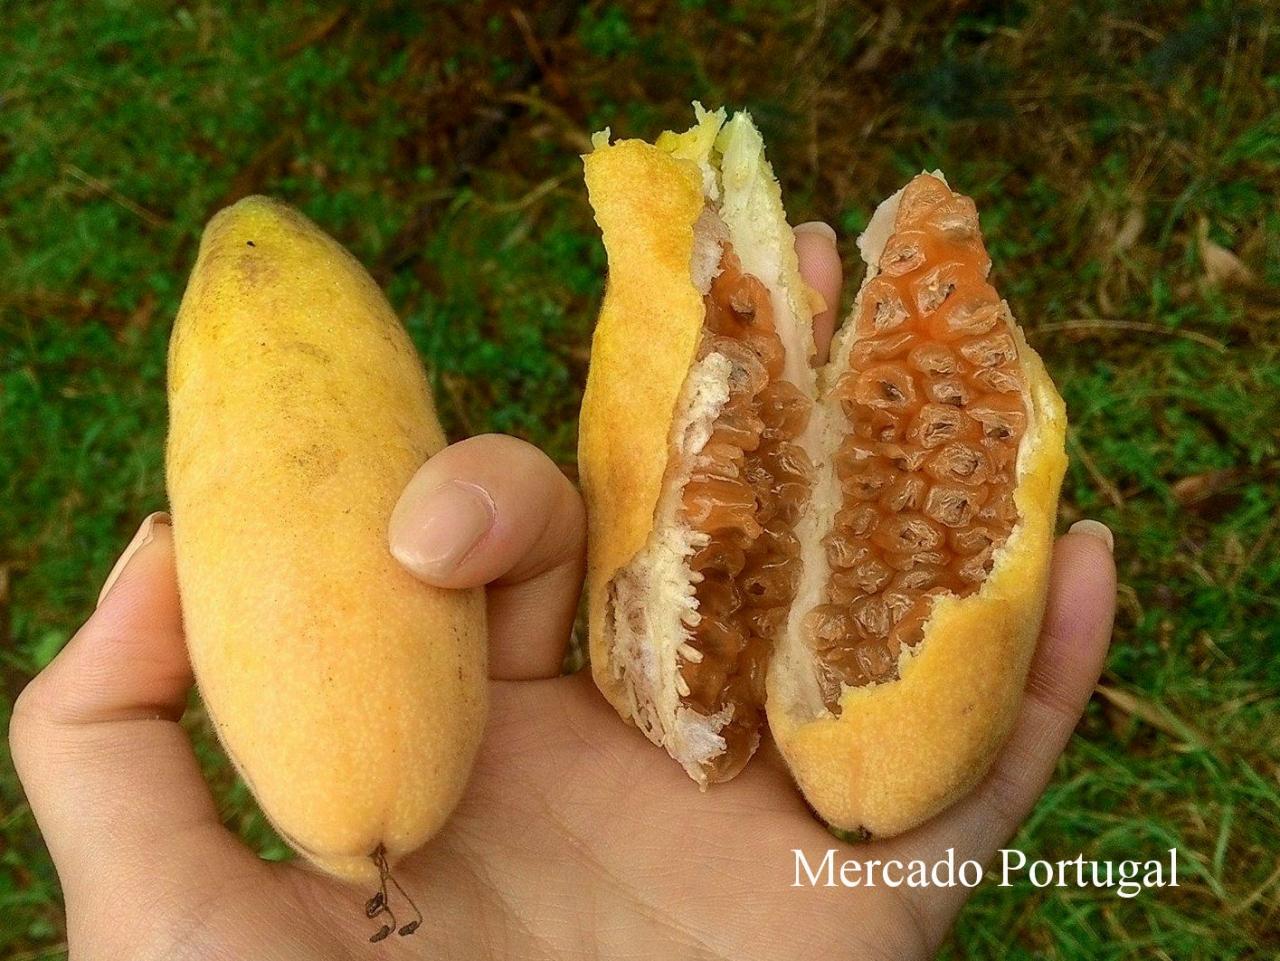 こちらは、バナナパッションフルーツと呼ばれる果物